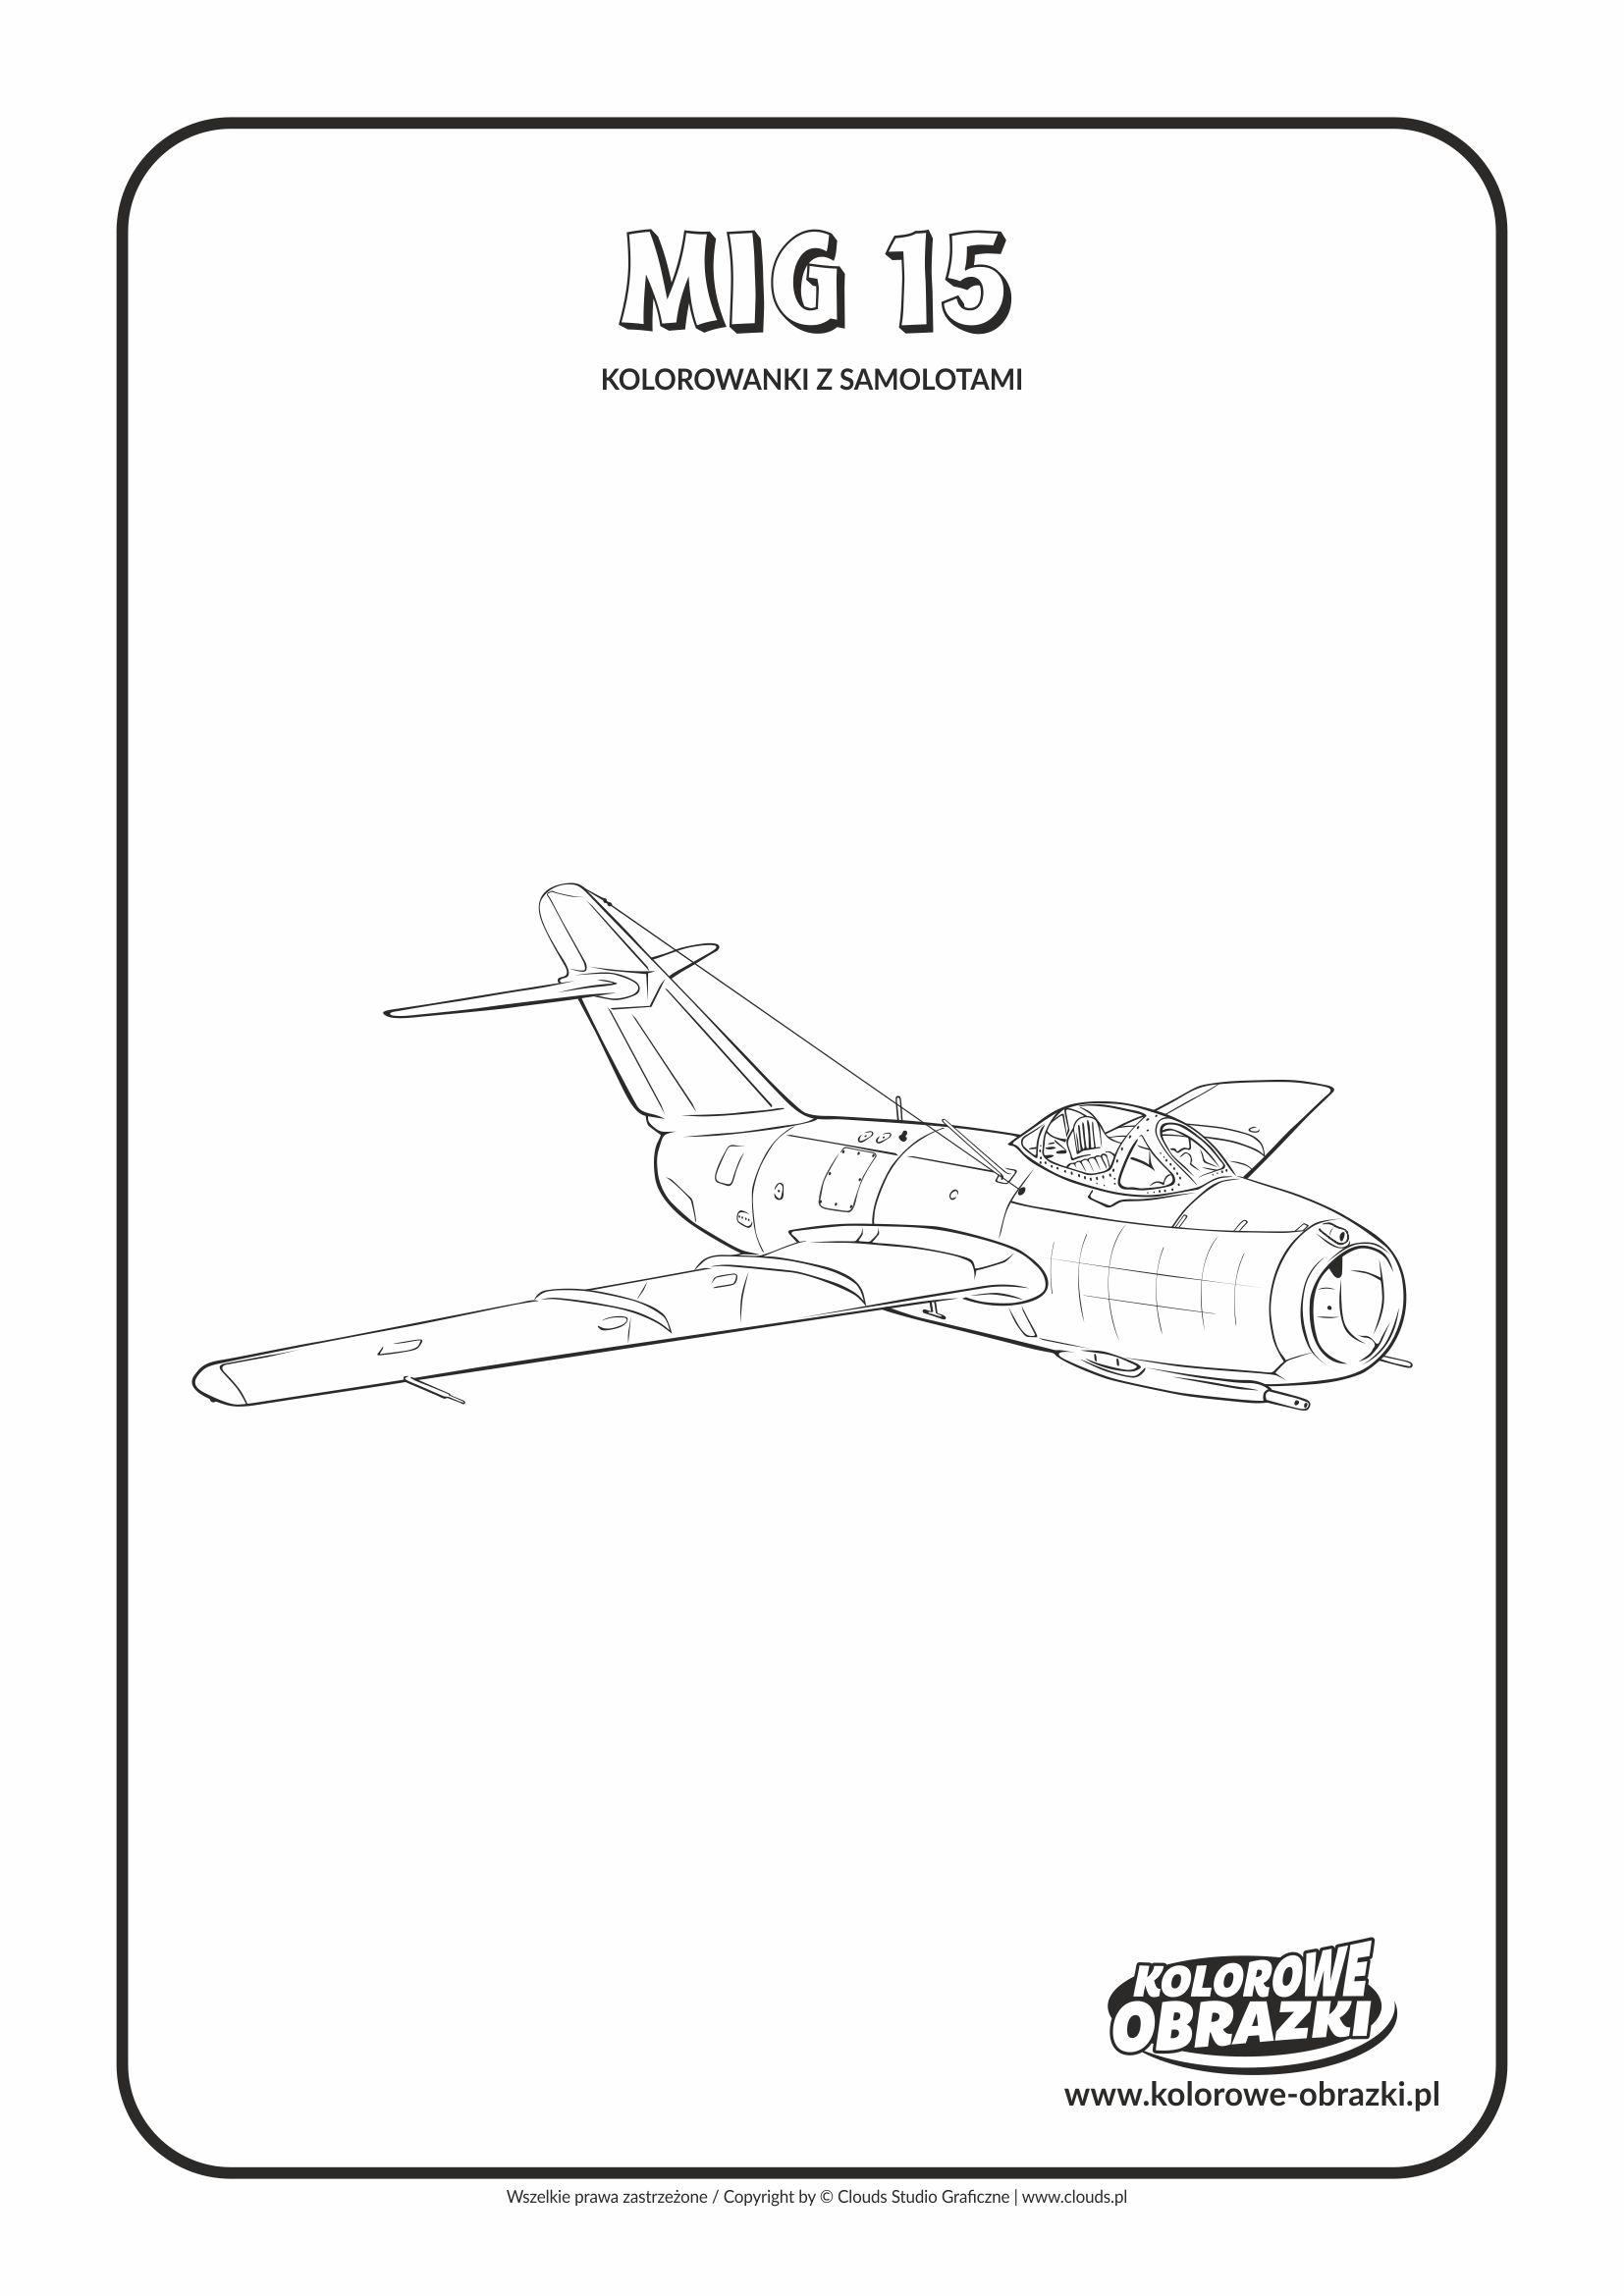 Kolorowanki dla dzieci - Pojazdy / MiG 15. Kolorowanka z MiG 15